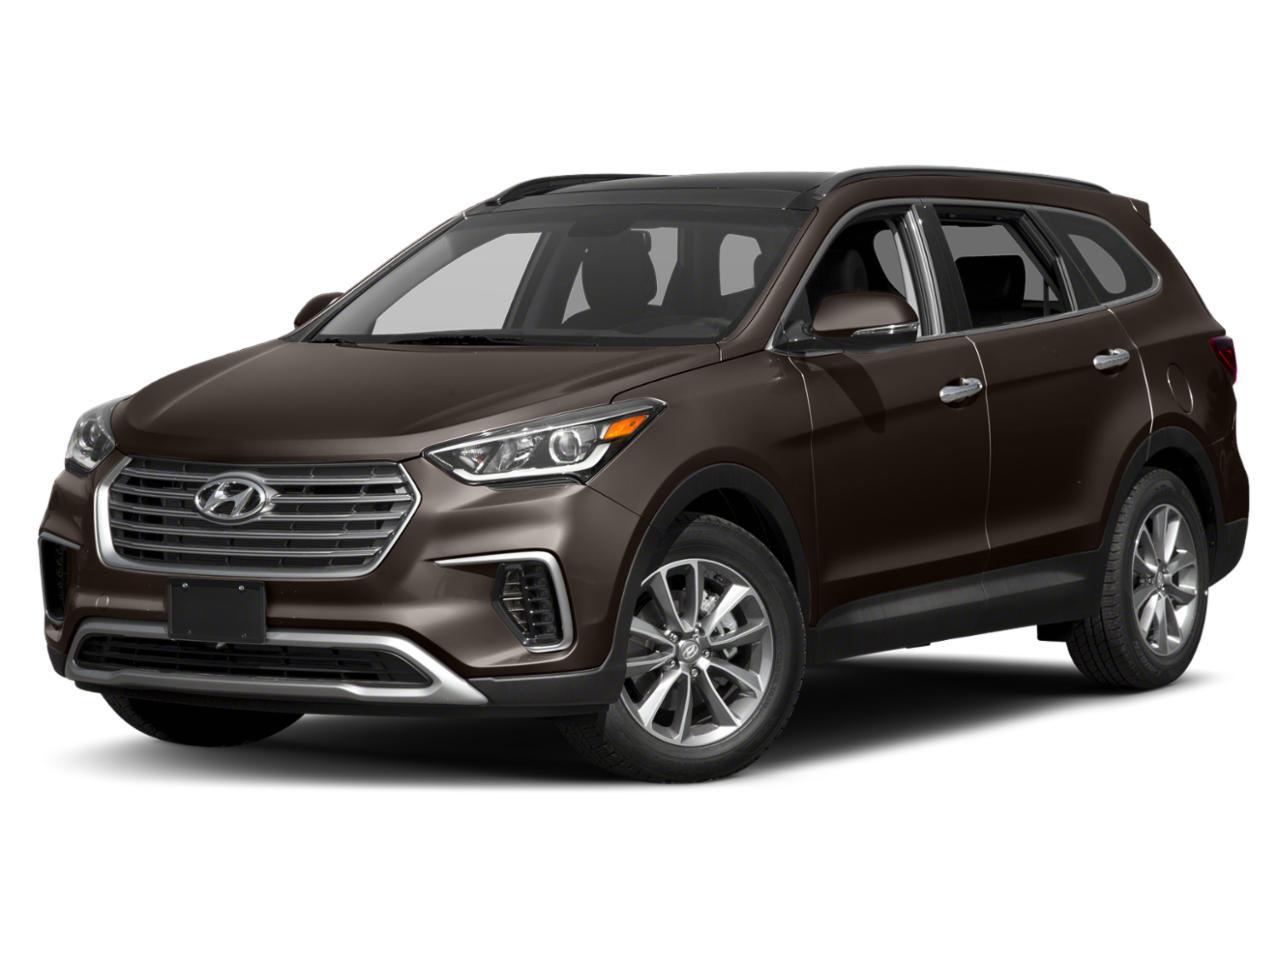 2019 Hyundai Santa Fe XL Vehicle Photo in Edinburg, TX 78542